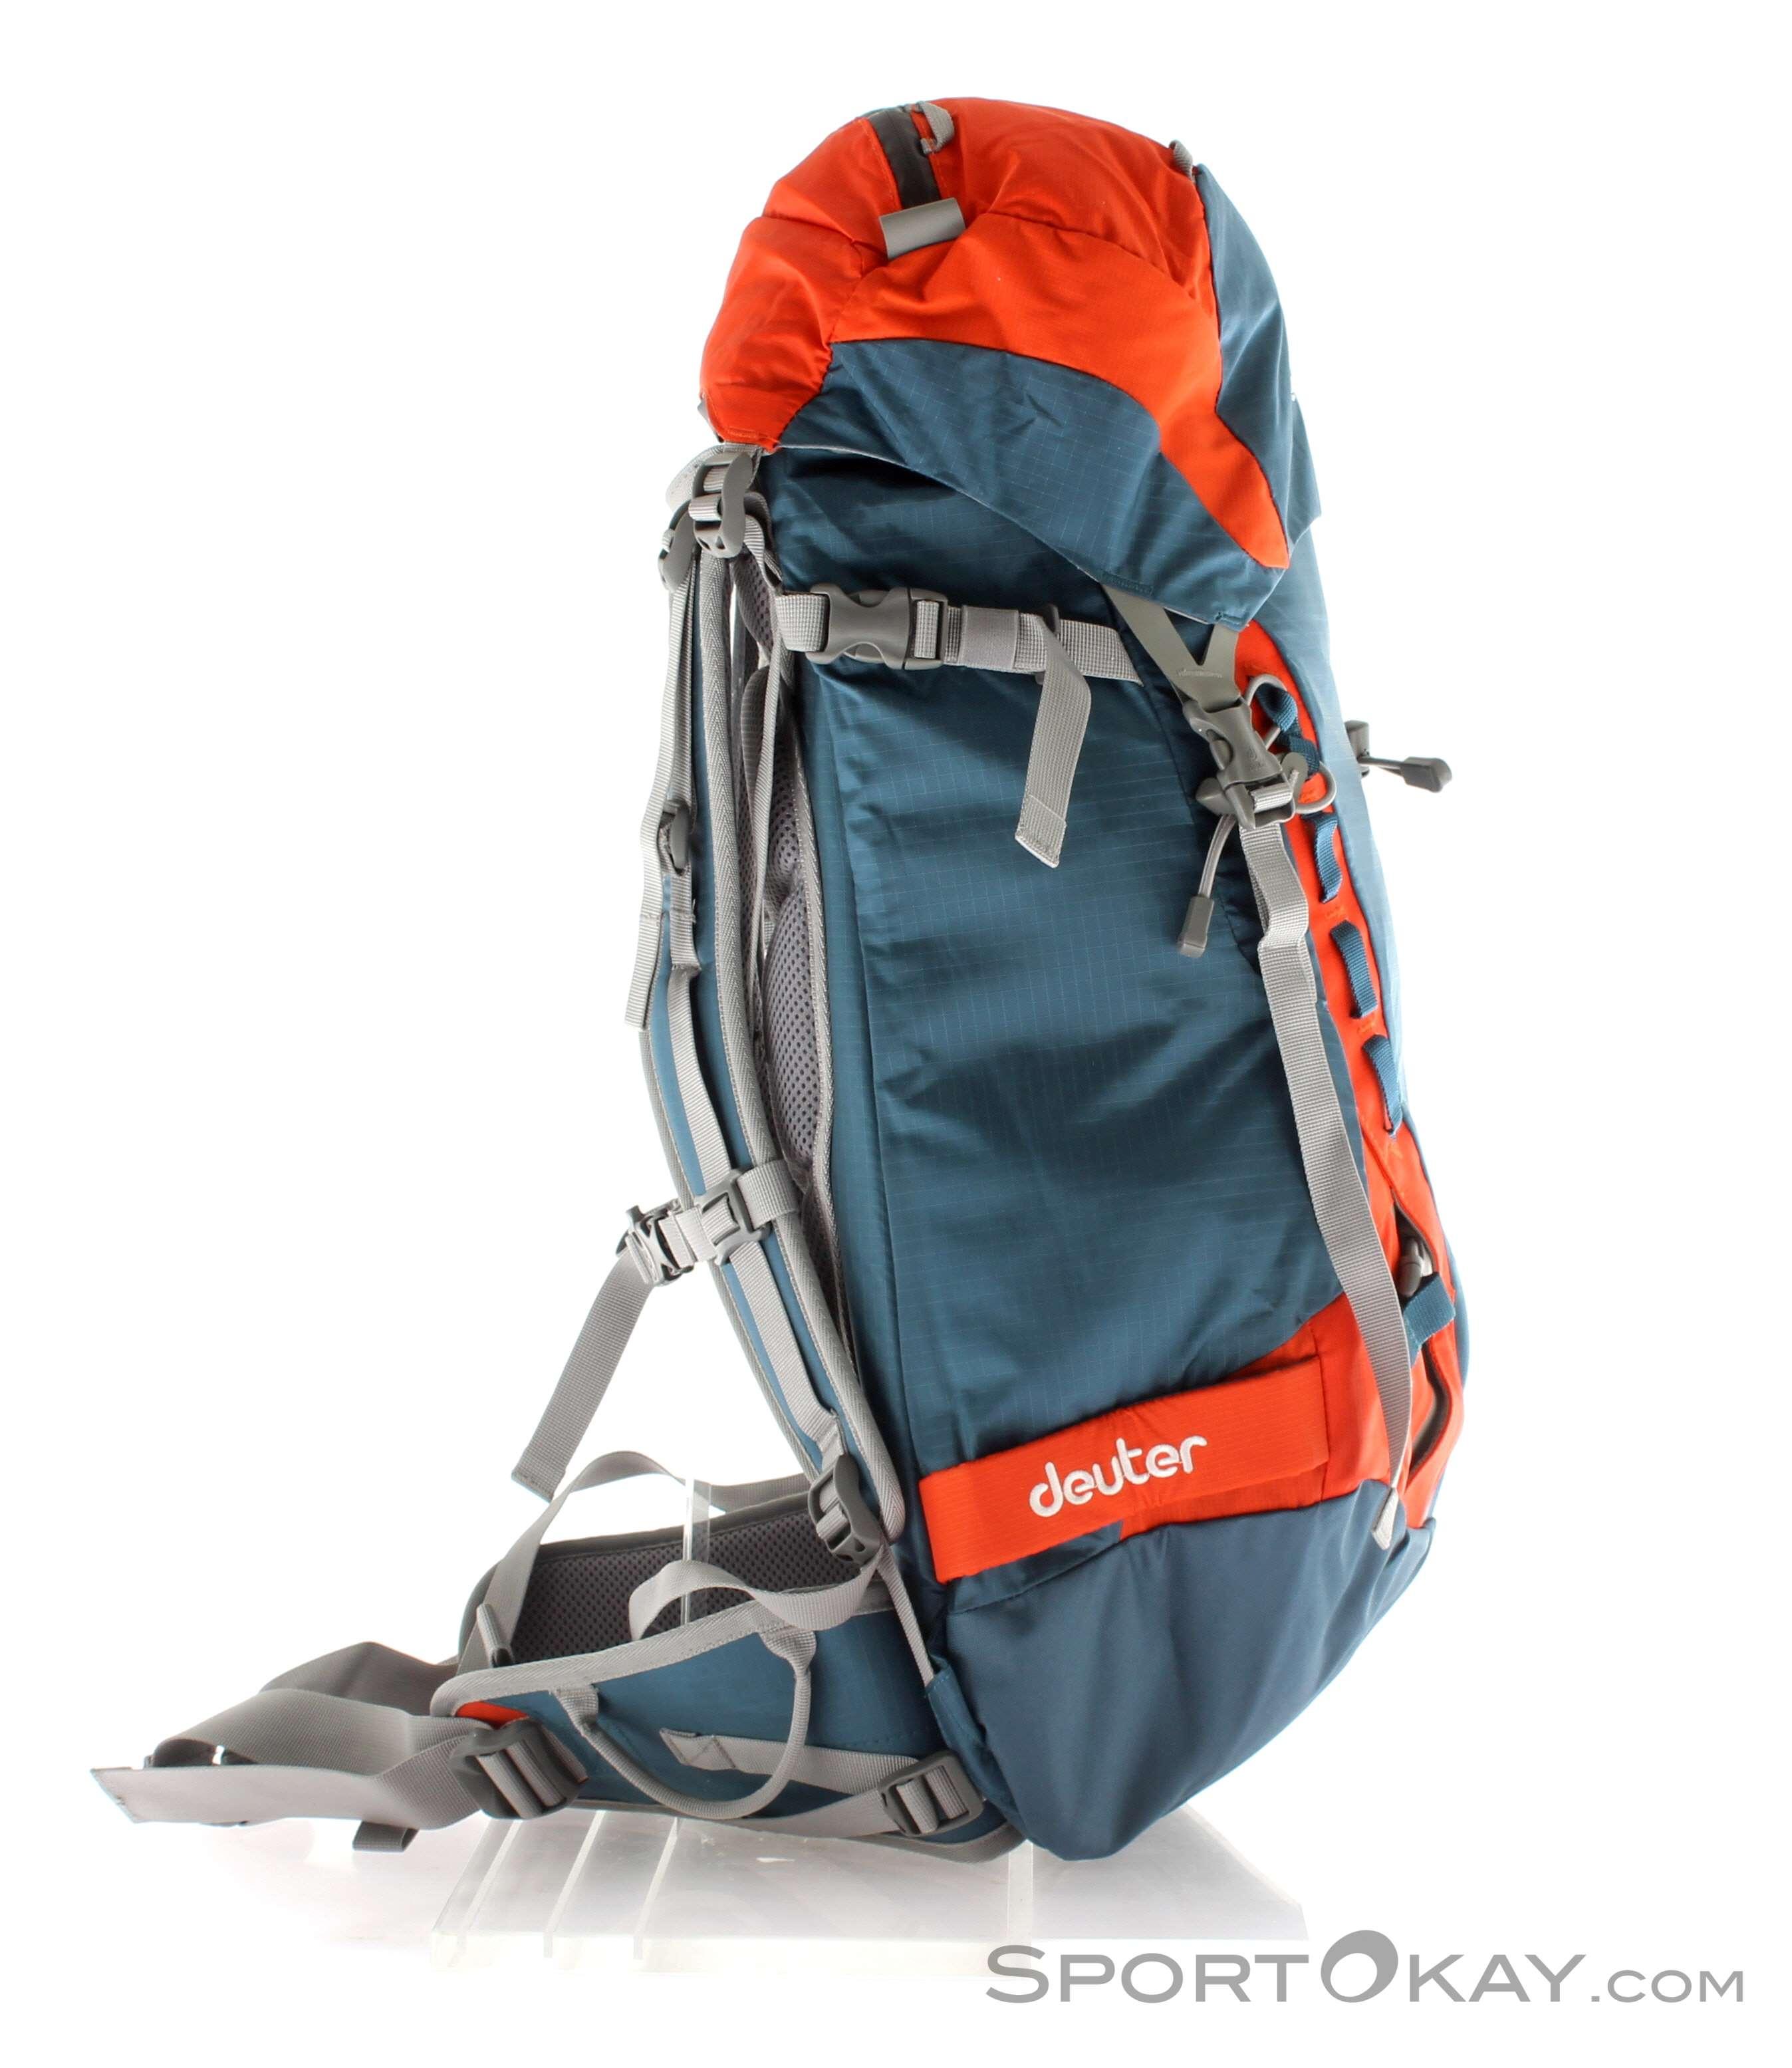 deuter guide lite 32l 8l backpack backpacks backpacks headlamps outdoor all. Black Bedroom Furniture Sets. Home Design Ideas